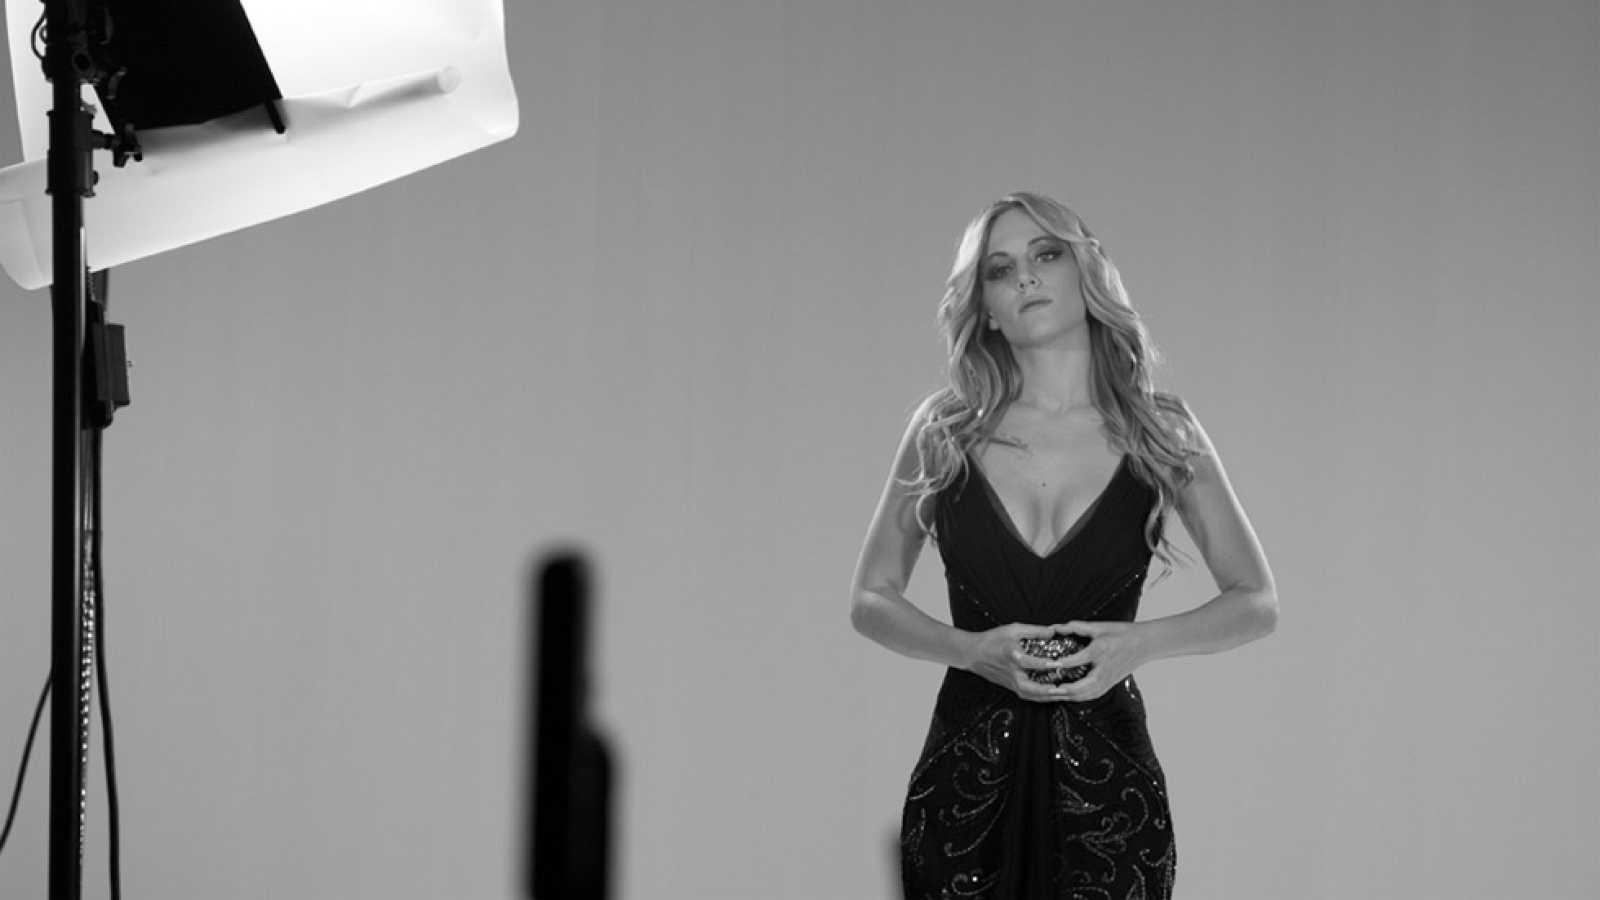 Edurne, la representante española en el festiva de Eurovisión 2015, se somete a un cuestionario sobre moda y estilo.